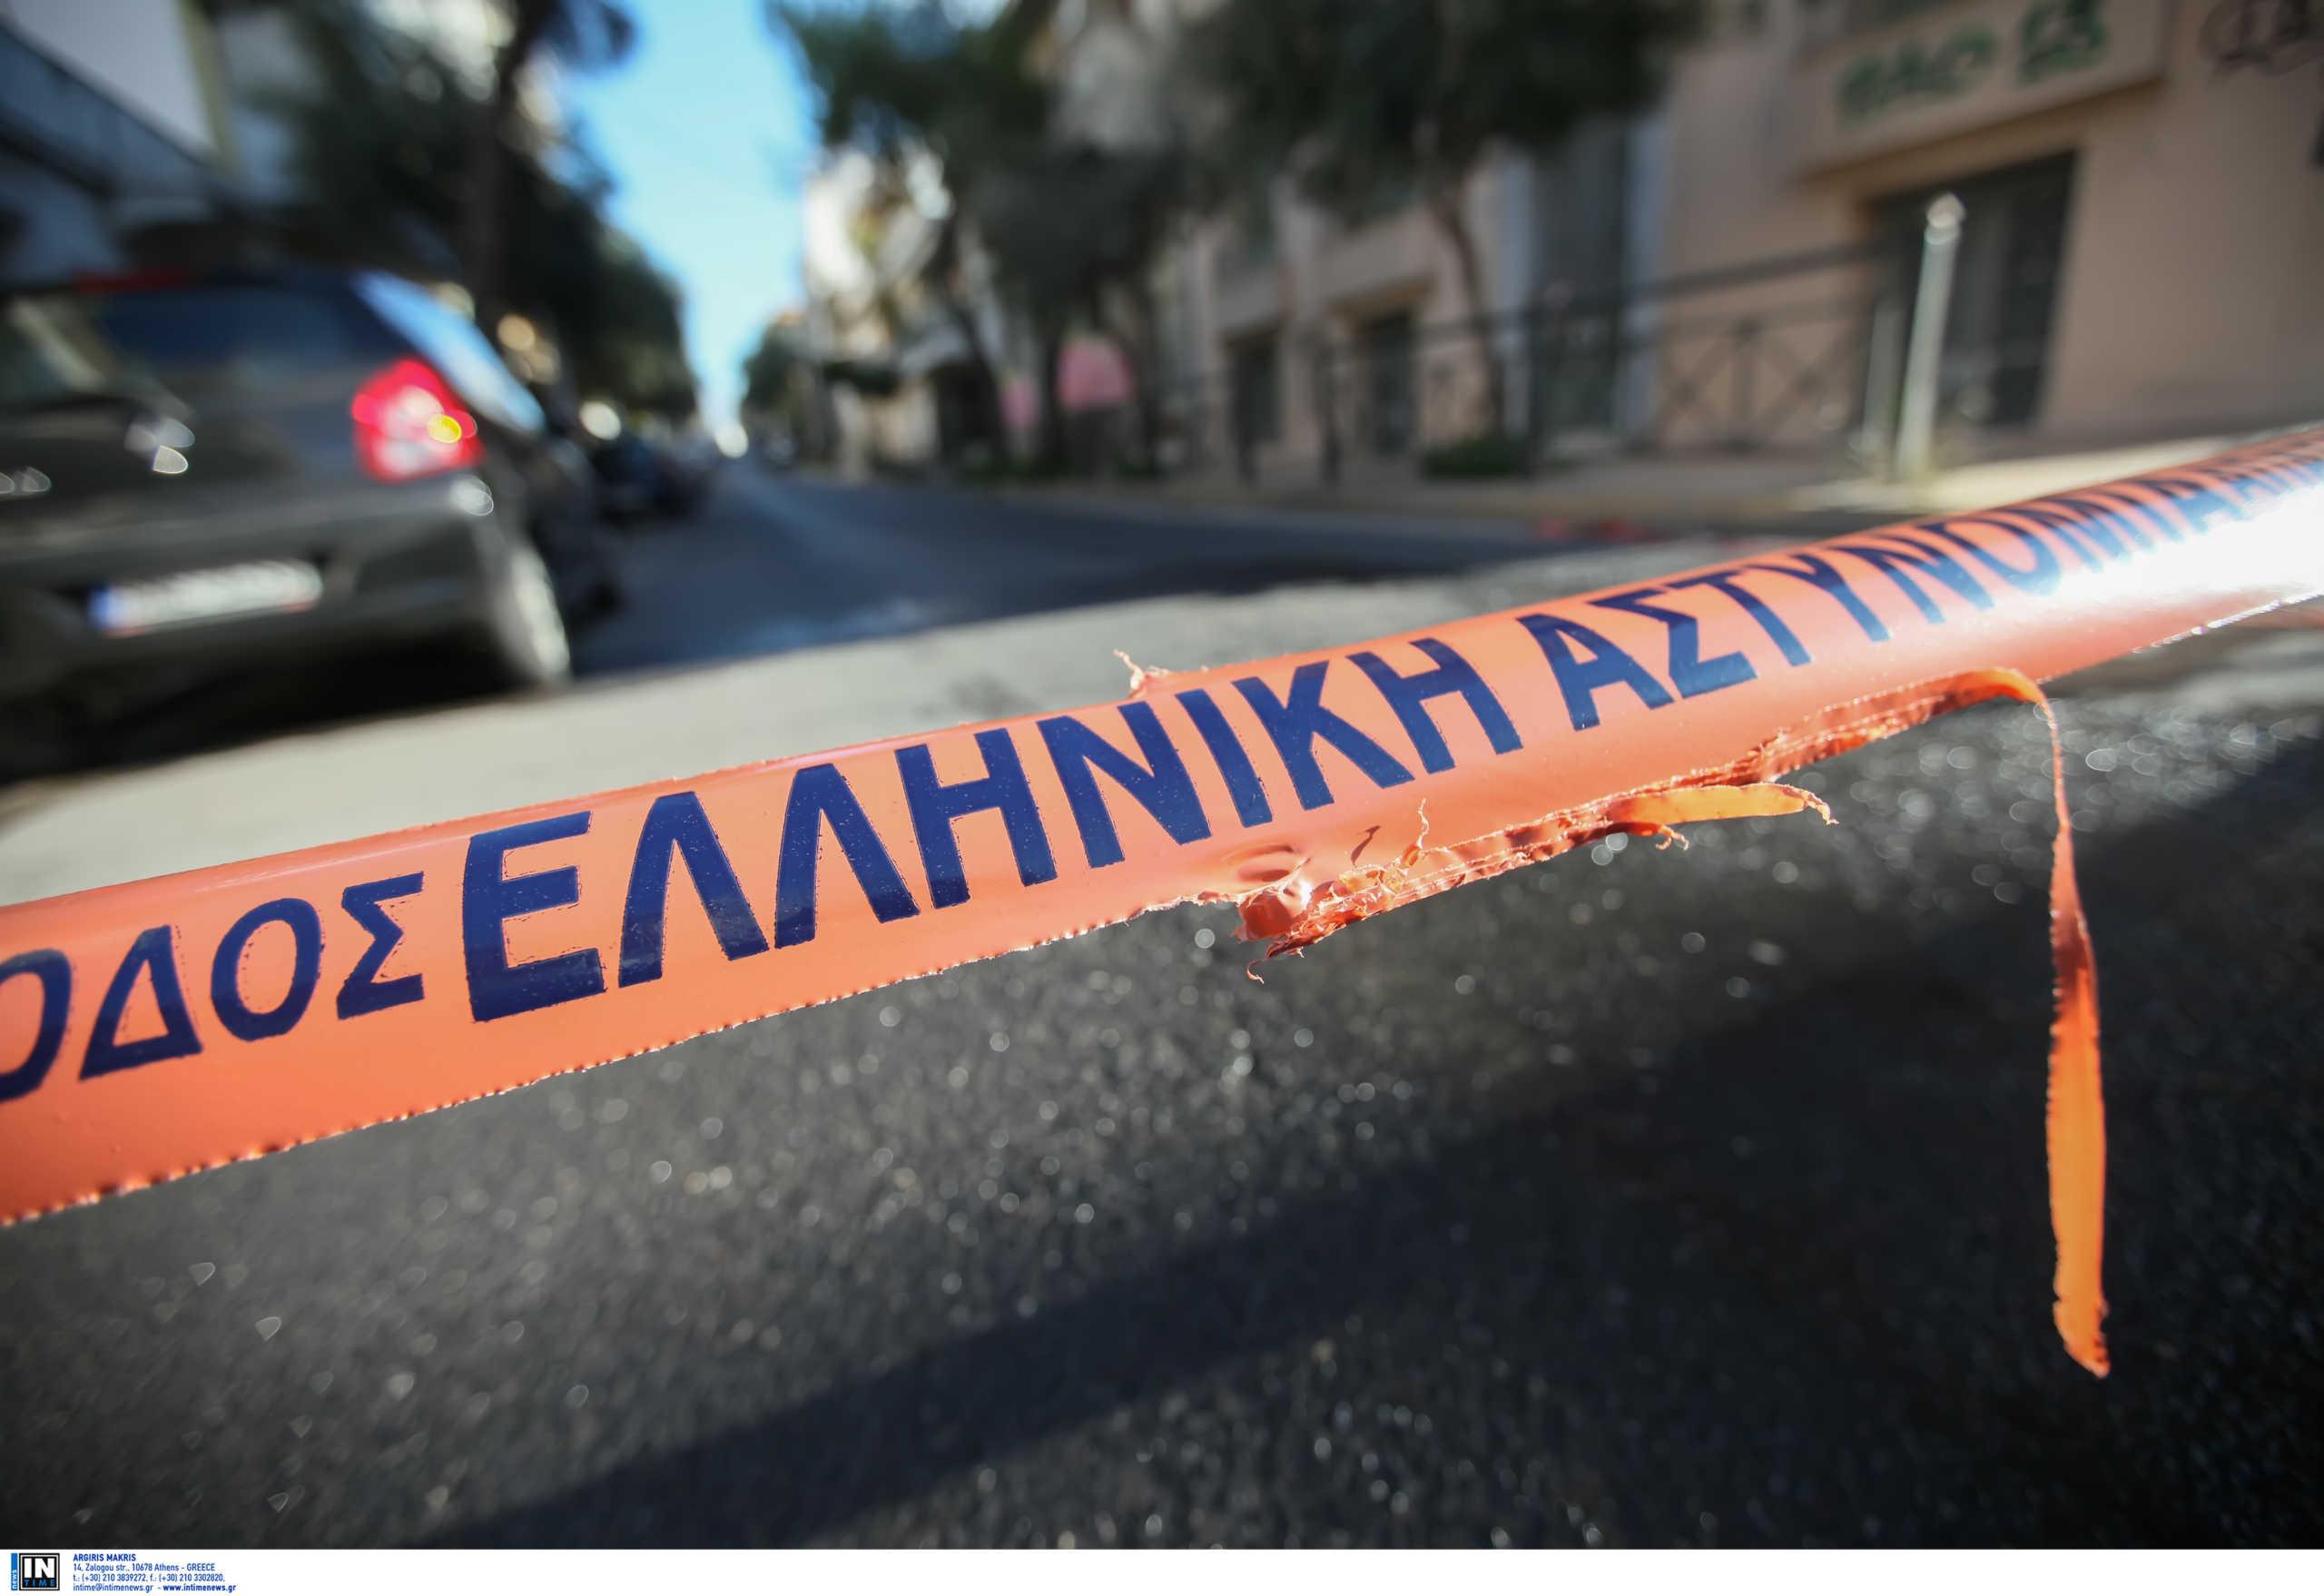 """Ηράκλειο: Ήταν νεκρός στο σπίτι του για μέρες! """"Πάγωσαν"""" από τις εικόνες που αντίκρισαν"""